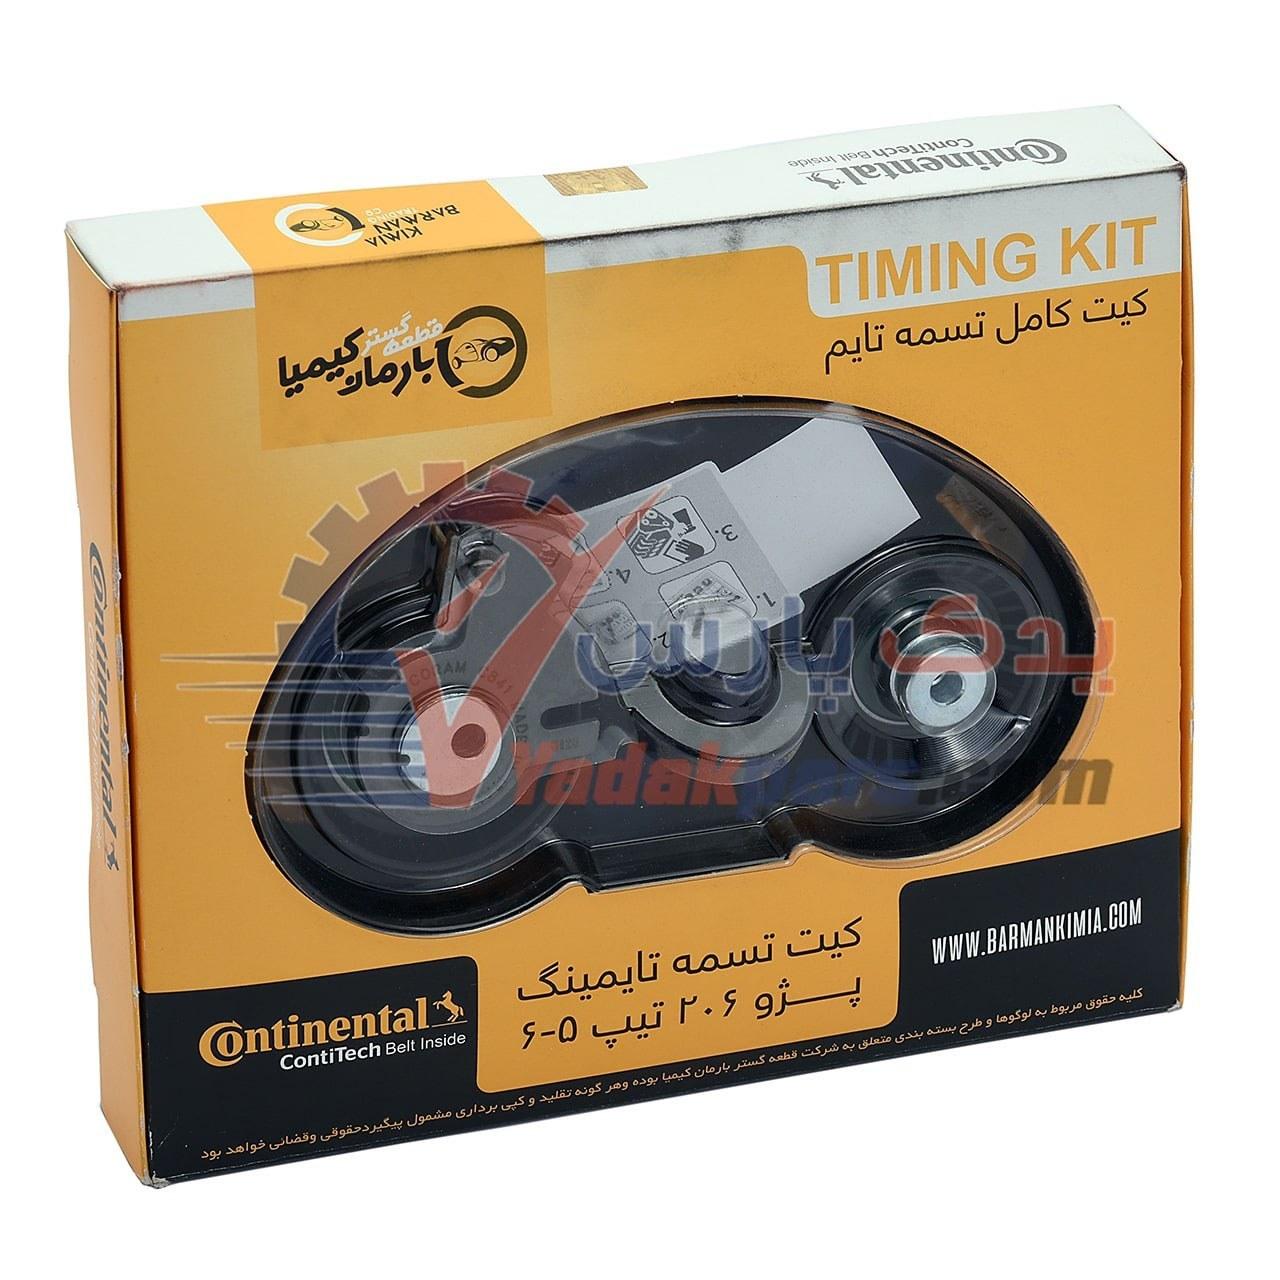 تصویر کیت کامل تسمه تایم پژو206تیپ5و6/پژو207/رانا/پارس(TU5) برند کنتیننتال (اصلی) Continental Timing Belt Kit CT1065 134Z KIT Peugeot206 Type 5&6 Engineered in GERMANY